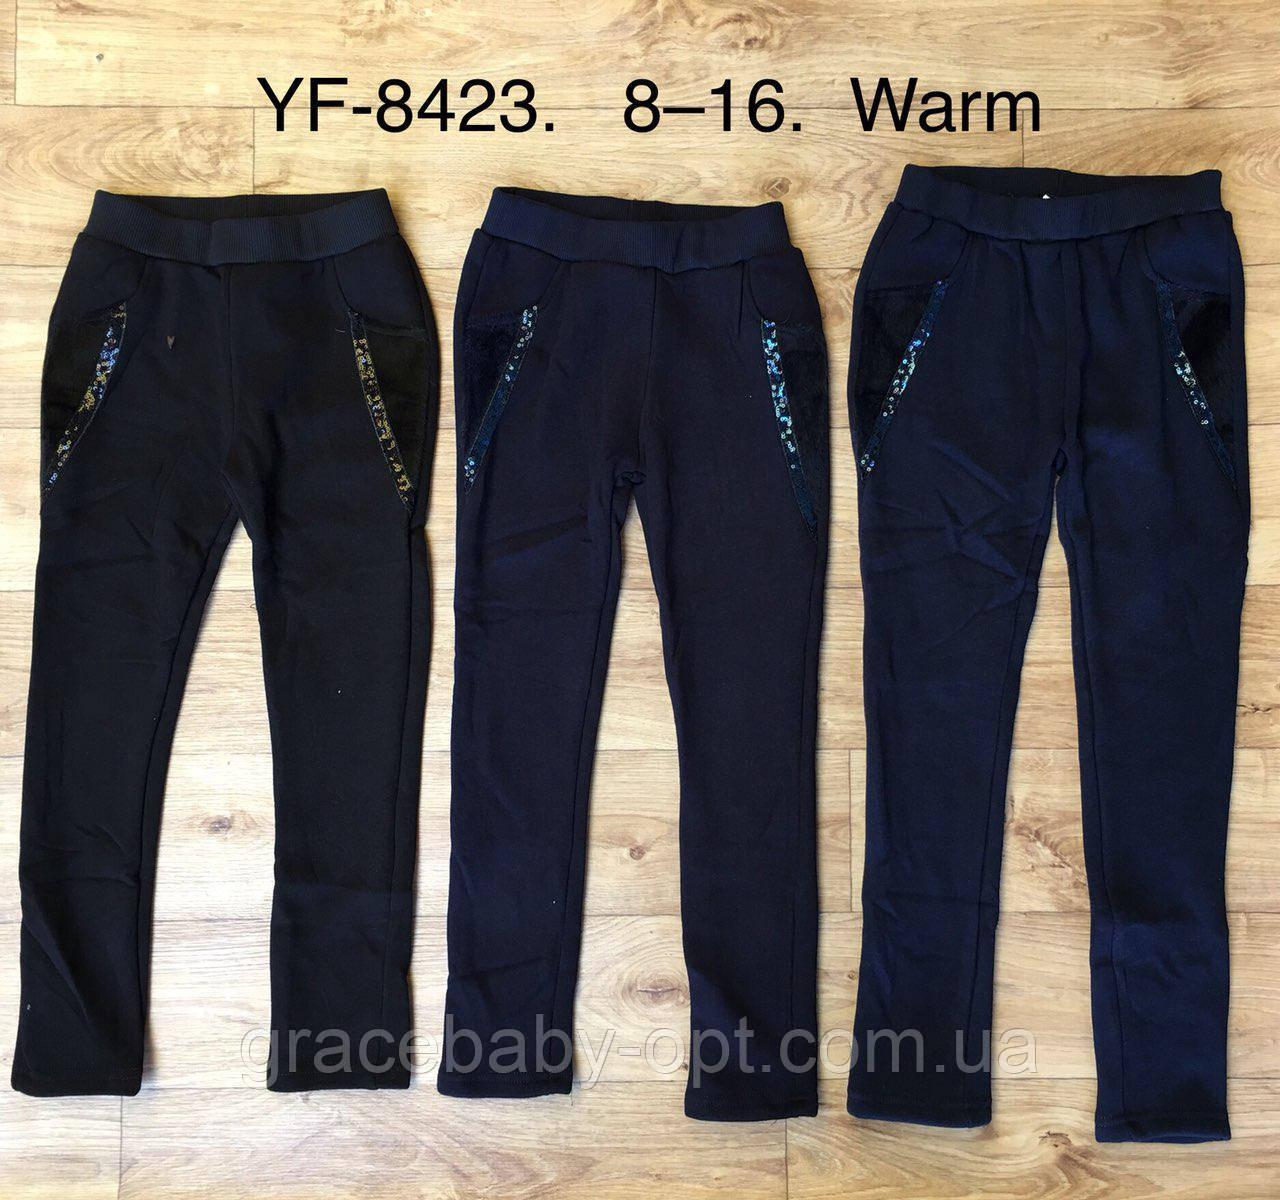 71c8b56196265 Лосины утепленные для девочек оптом, F&D, 8-16 лет, № YF8423 ...